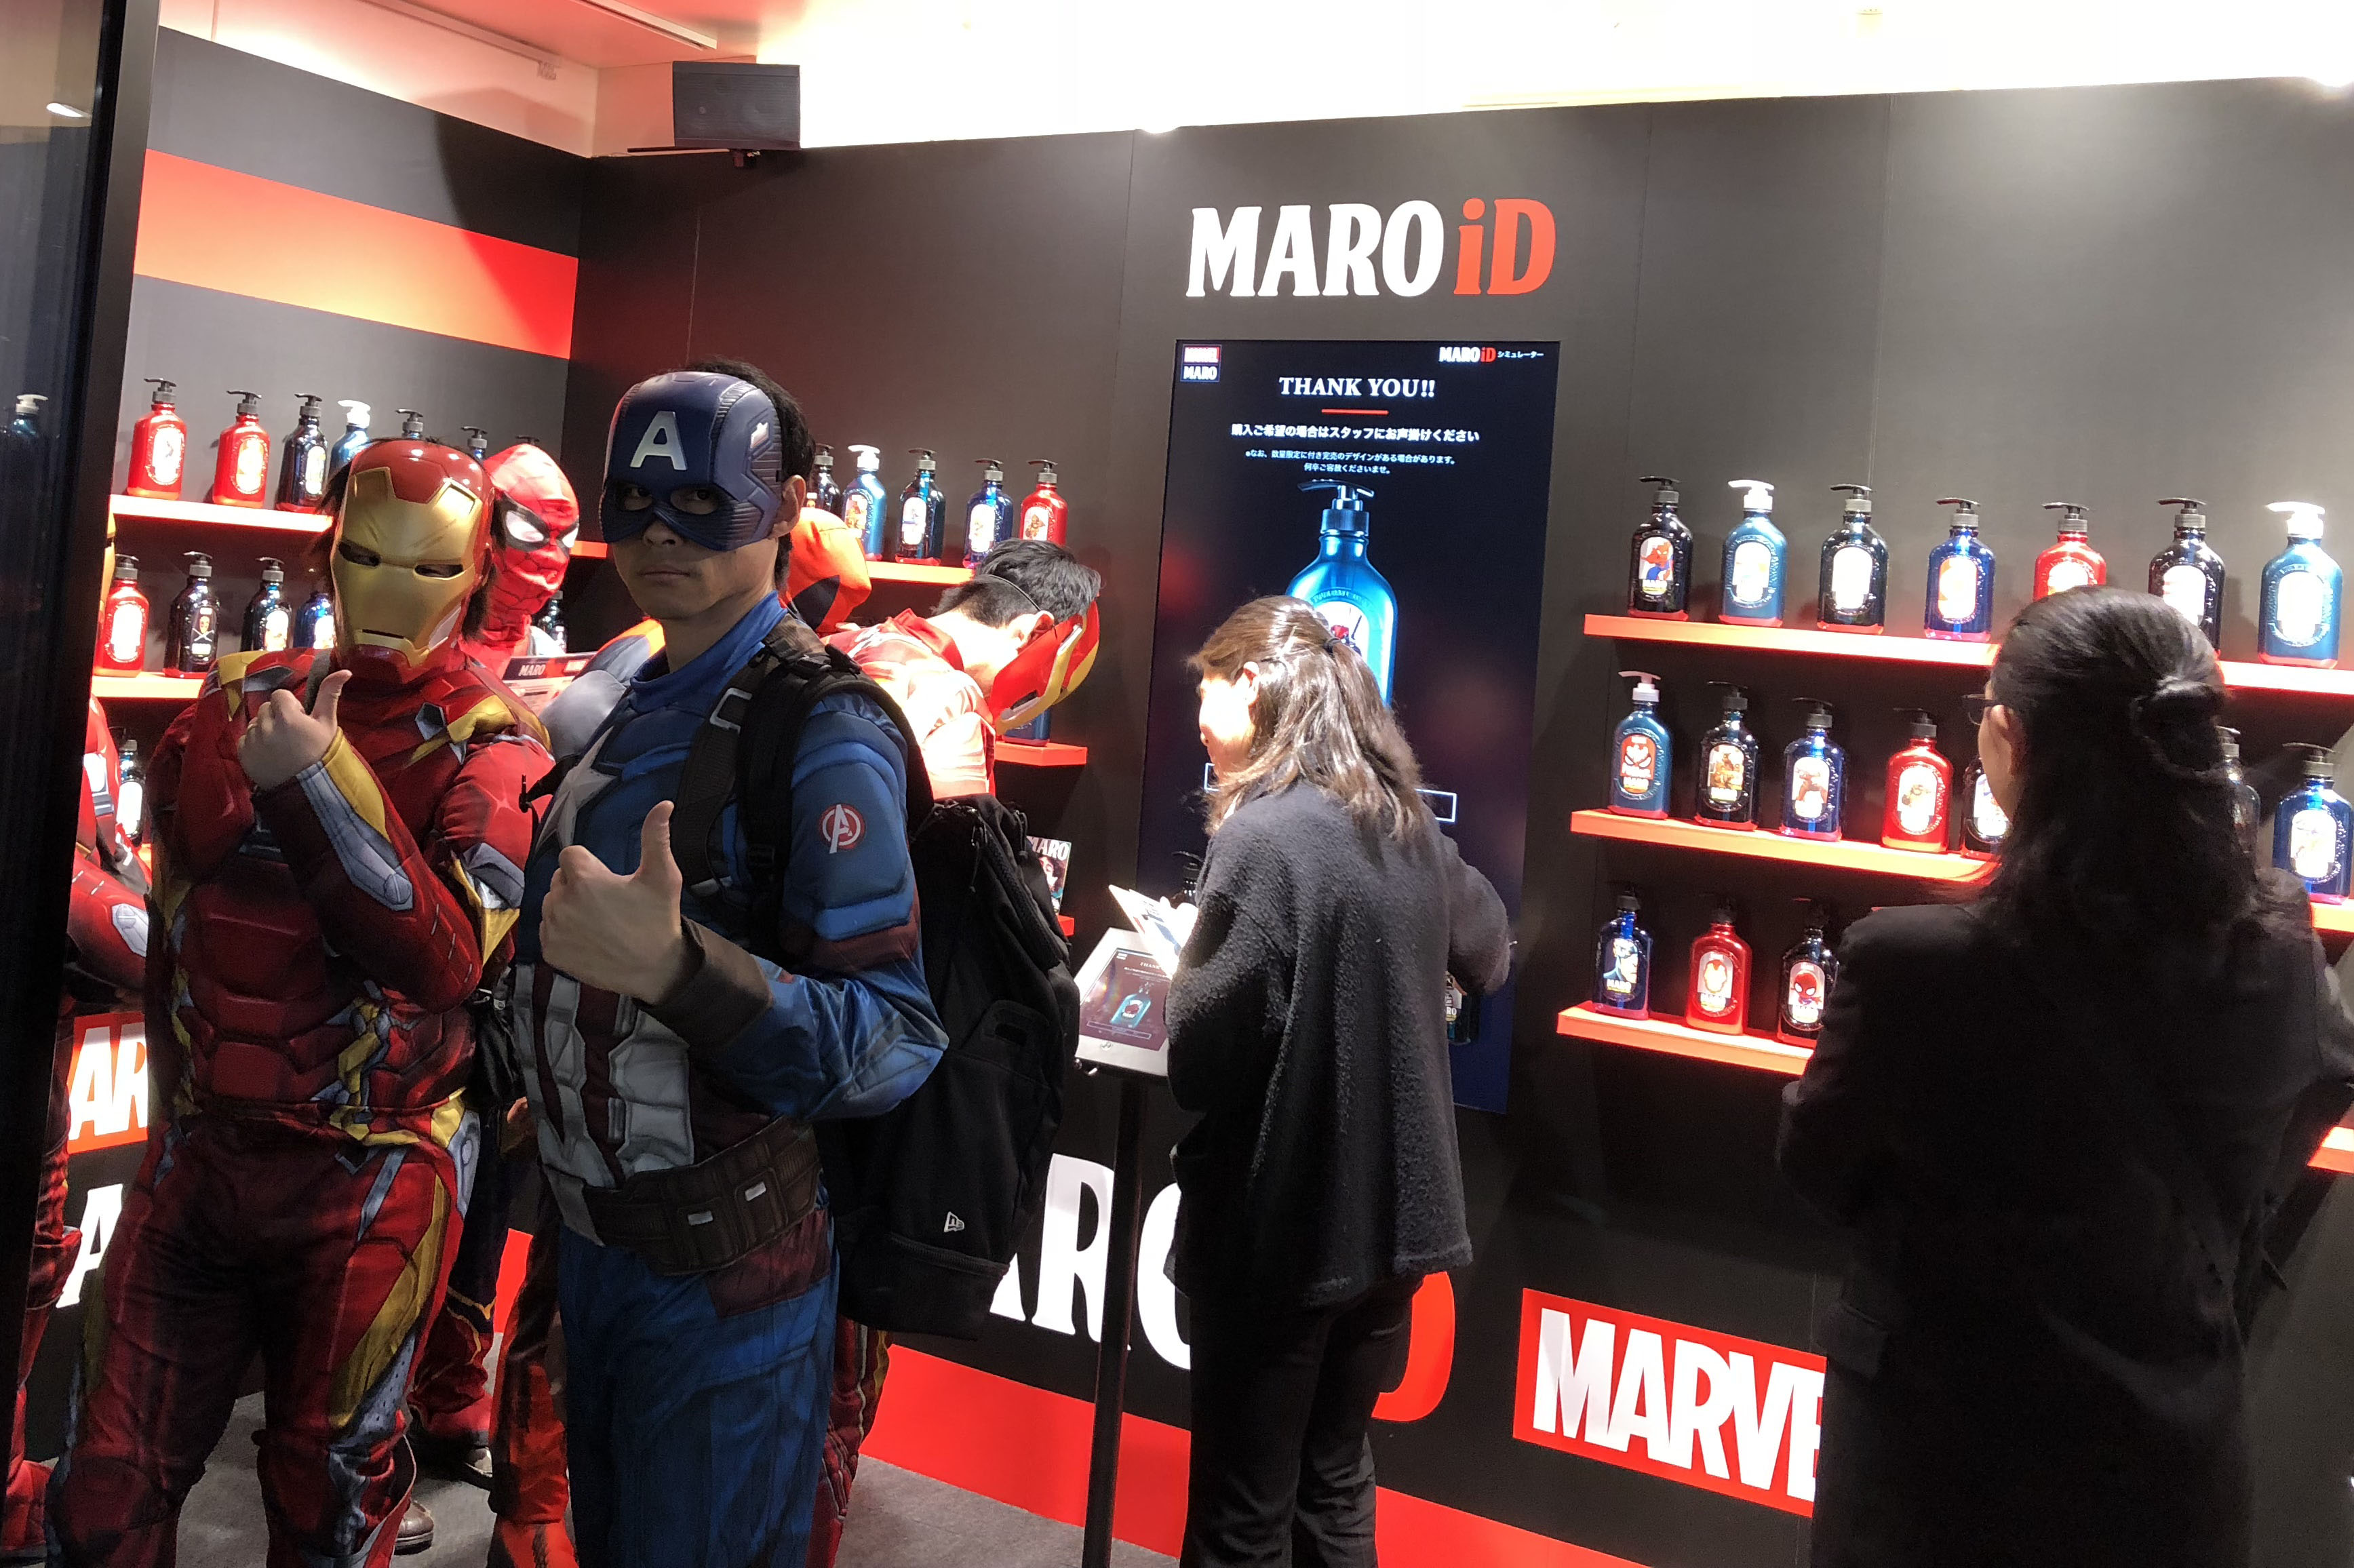 【MARO】集え!MARVELヒーローズ! - thumb2